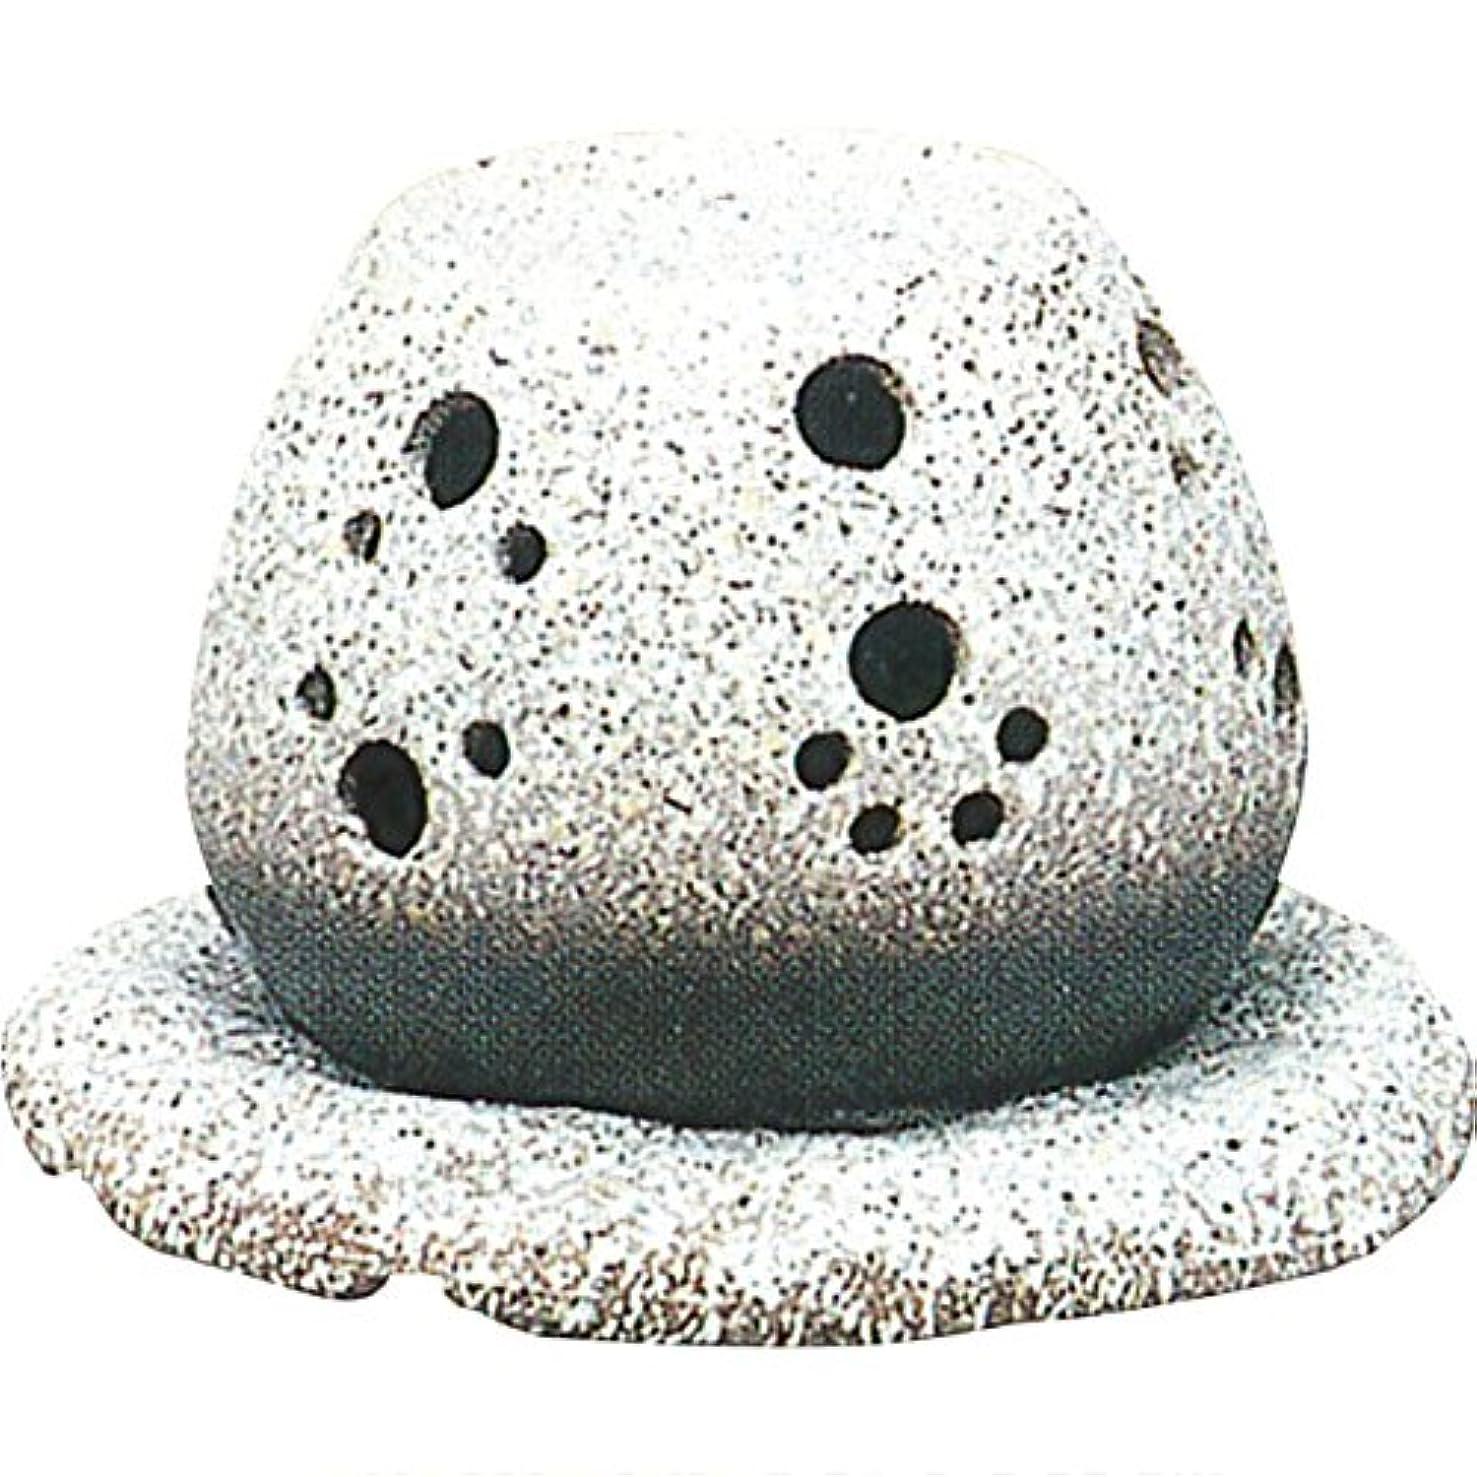 安定した編集する共感する茶香炉 : 常滑焼 山房窯 ロウソクタイプ茶香炉 (白皿付?ロウソク1ヶ付)?ル35-05